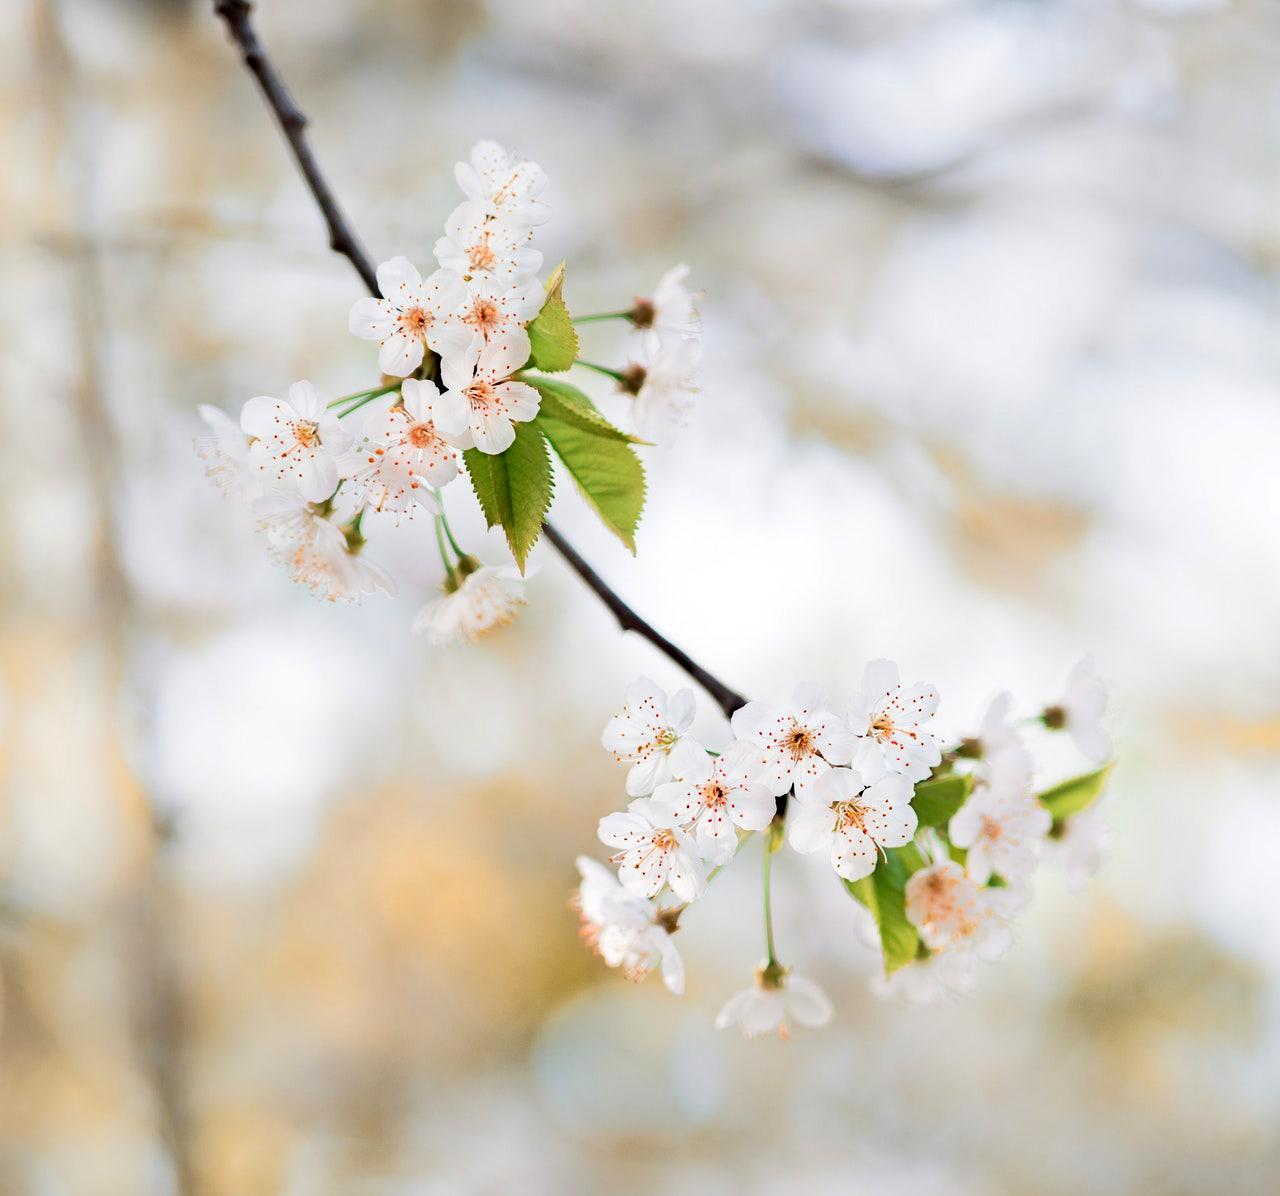 Fleur d'un cerisier